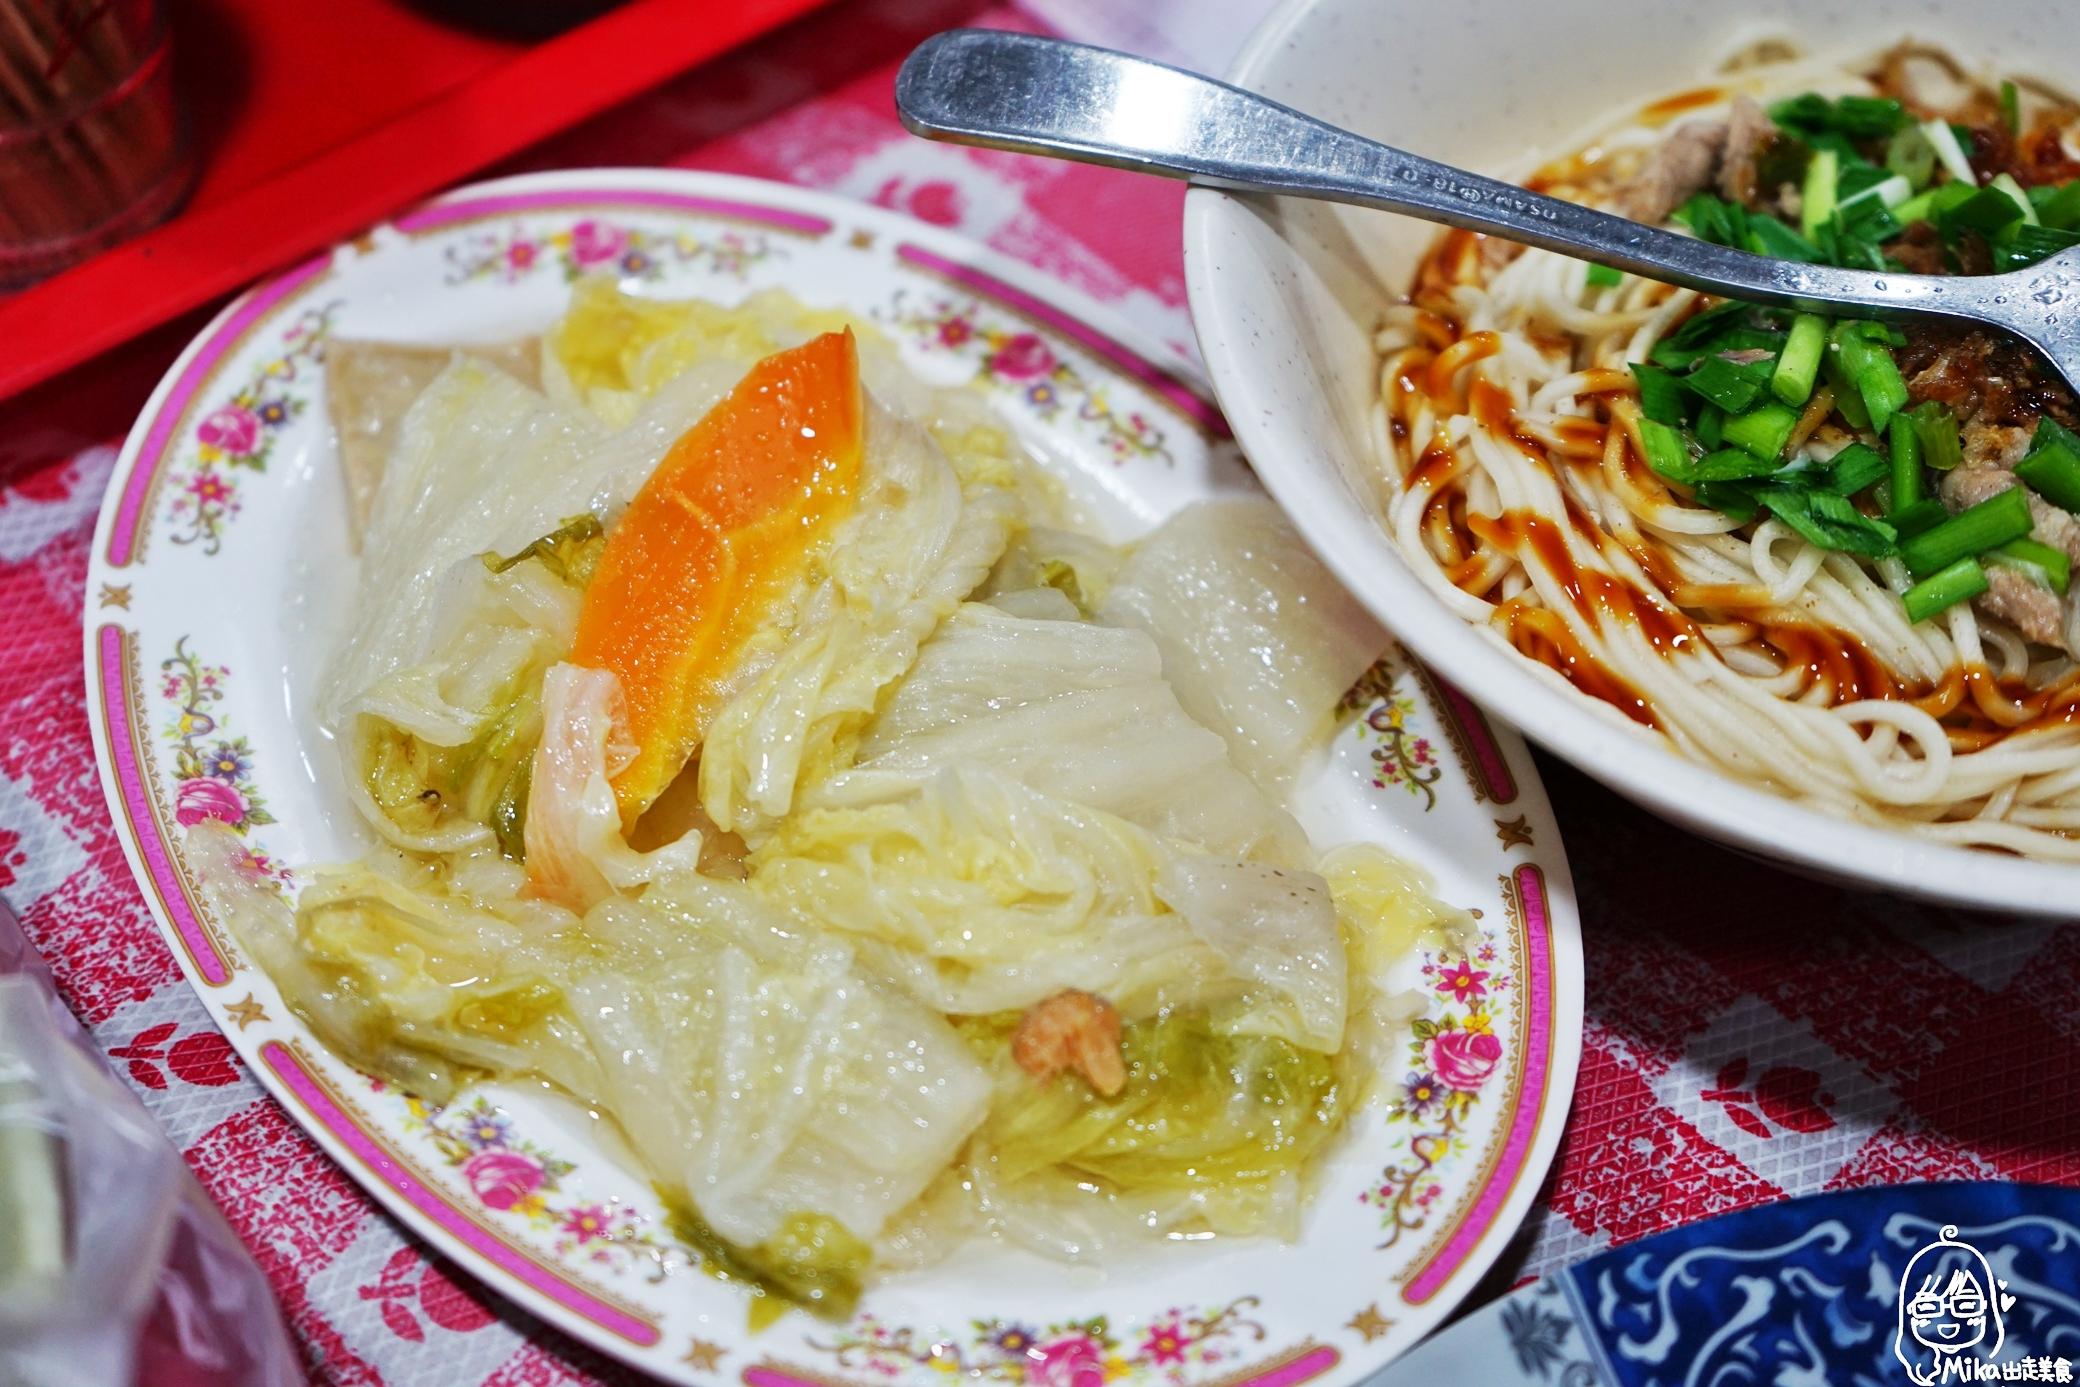 『桃園。龍潭』 三坑老街  阿琴小吃|傳統客家料理  鹹湯圓、板條、滷味還有隱藏版炸物。